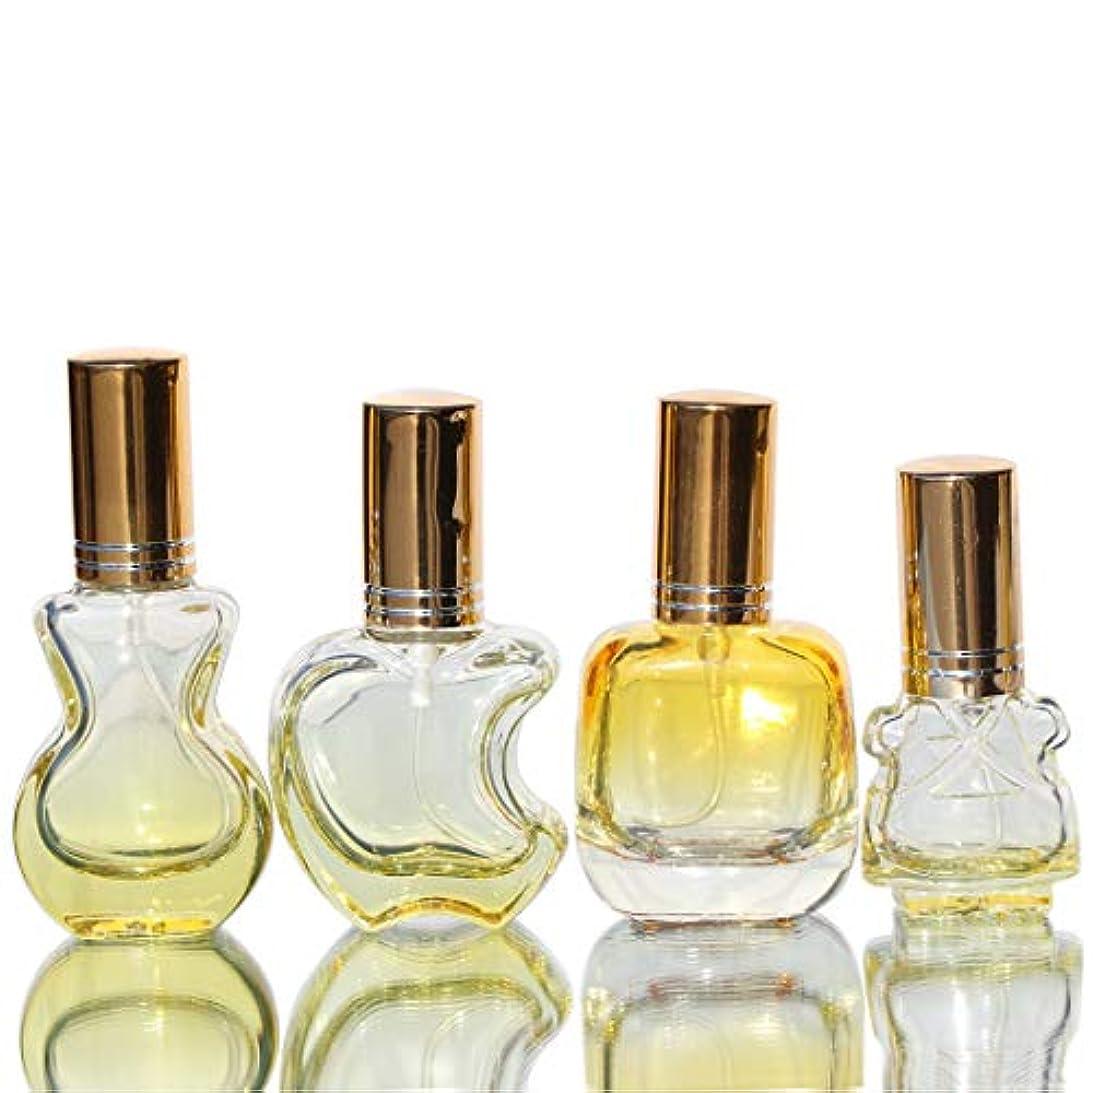 壊すしない部門Waltz&F カラフル ガラス製香水瓶 フレグランスボトル 詰替用瓶 空き アトマイザー 分け瓶 旅行用品 化粧水用瓶